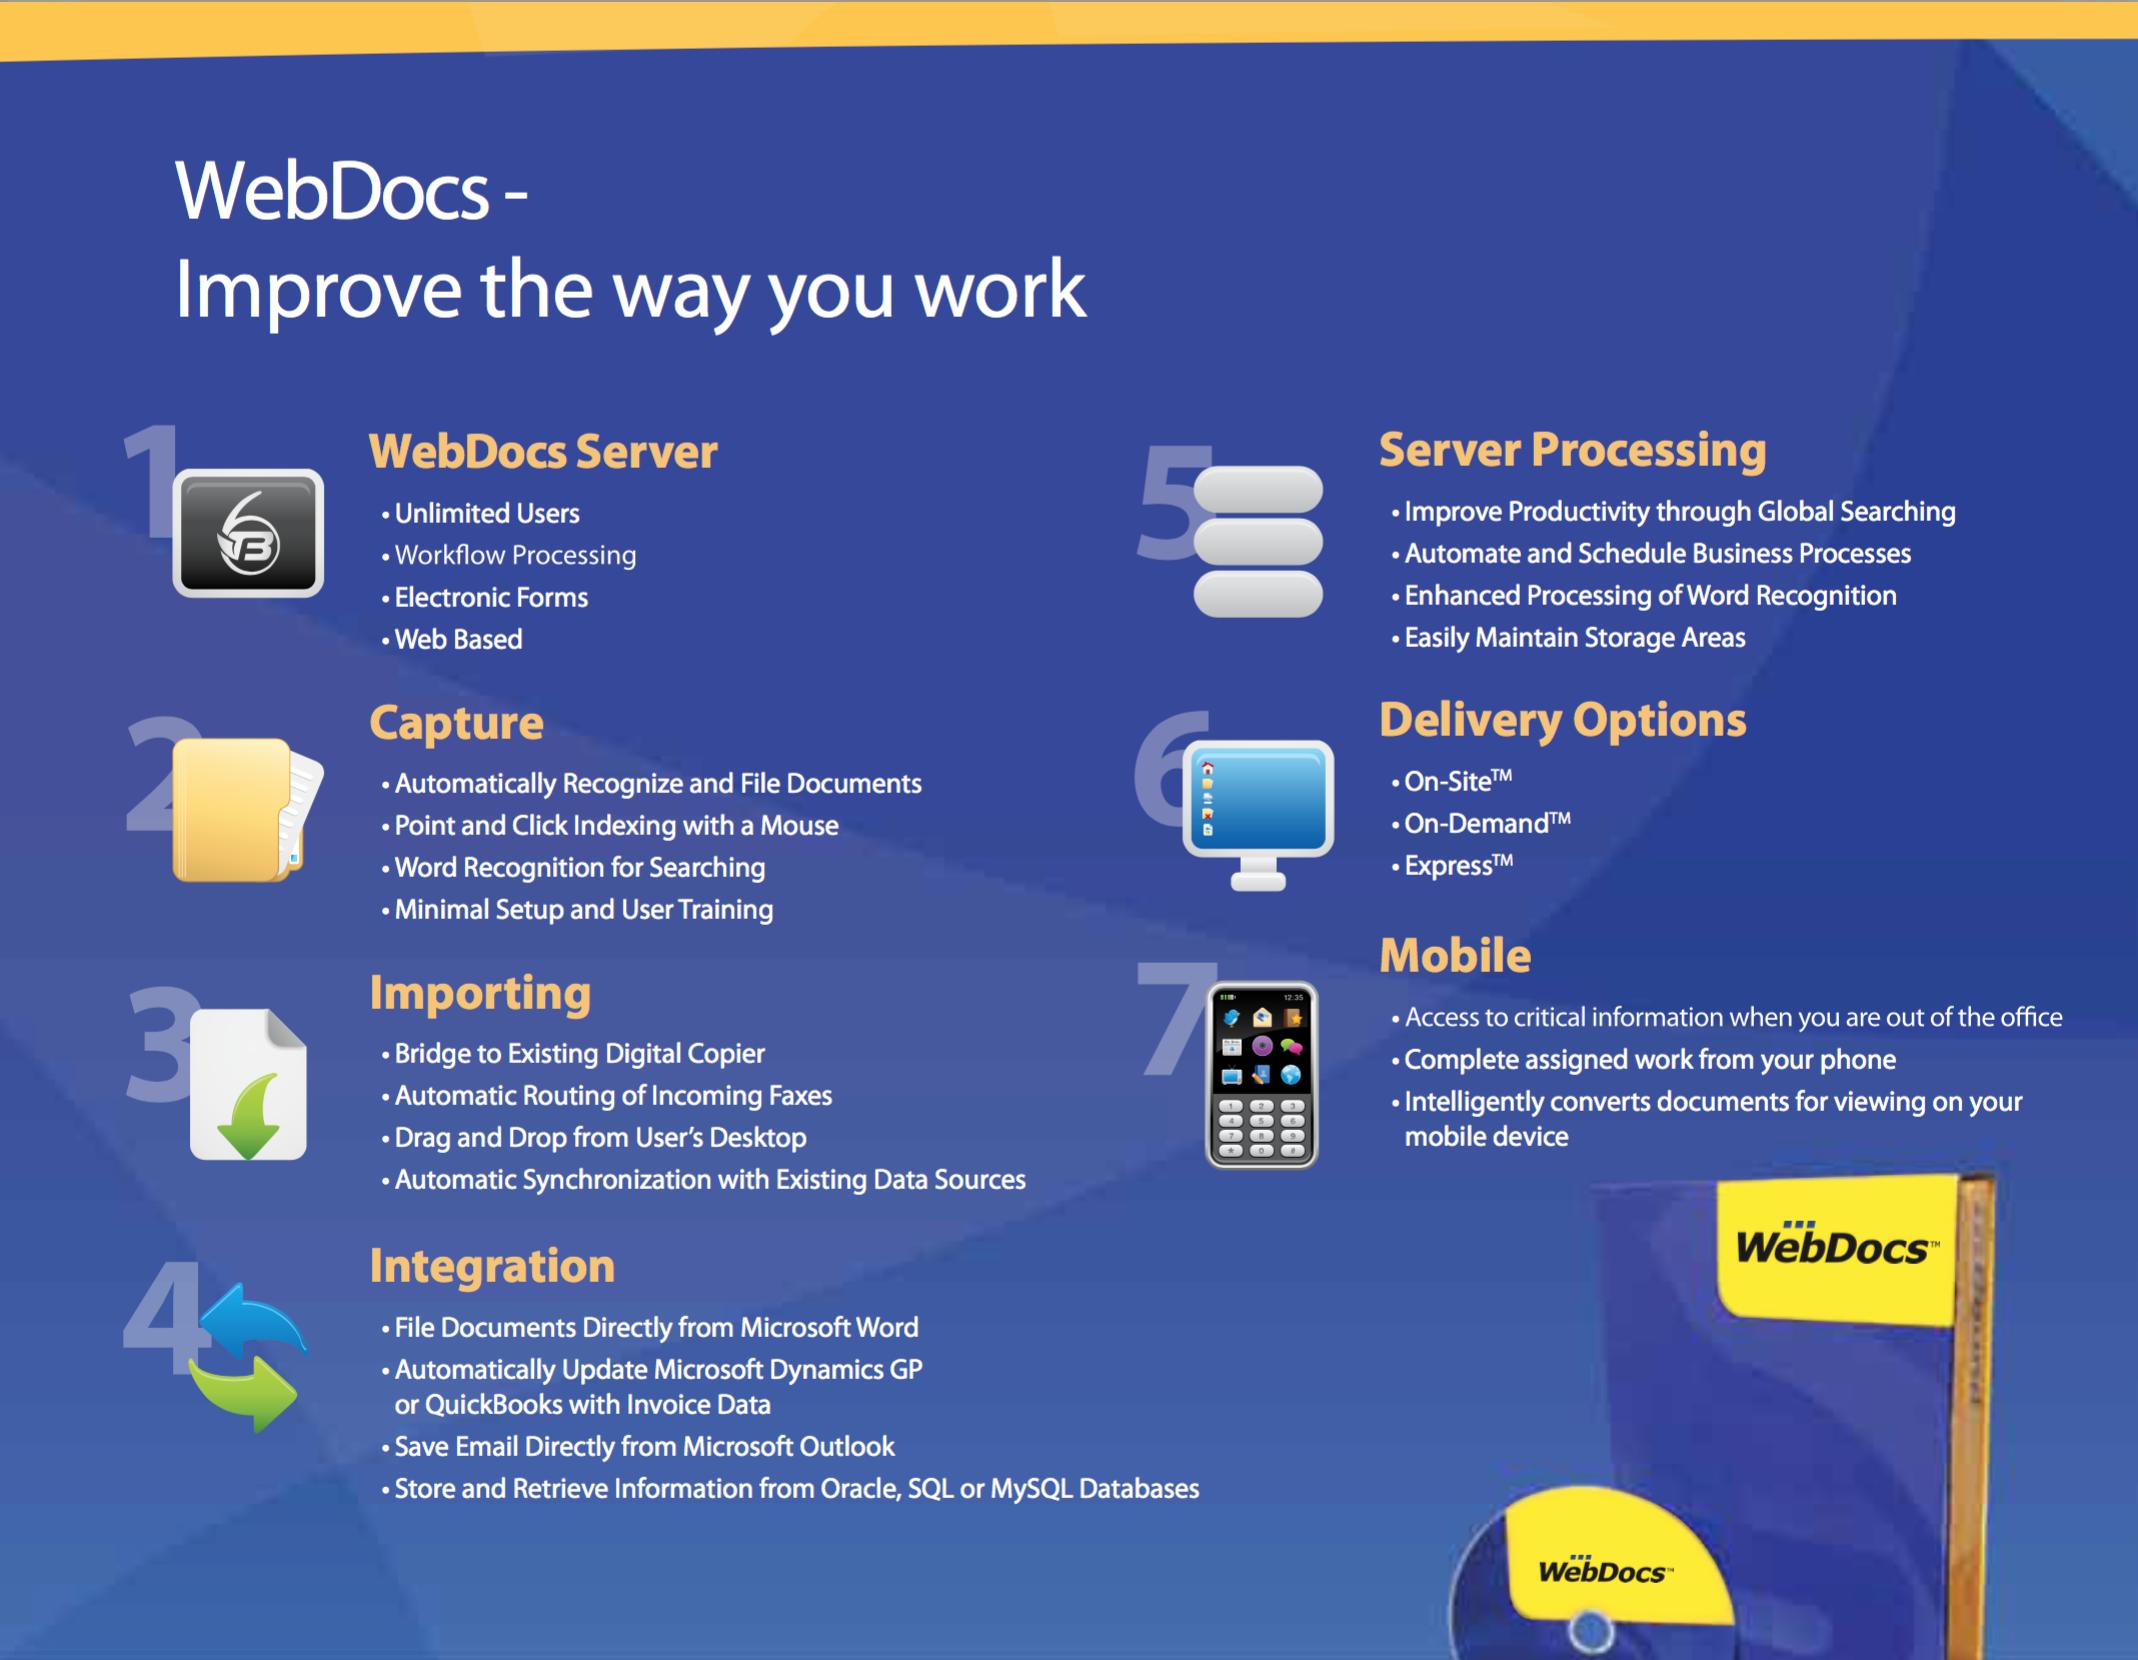 WebDocs Demo - WebDocs – Improve the way you work